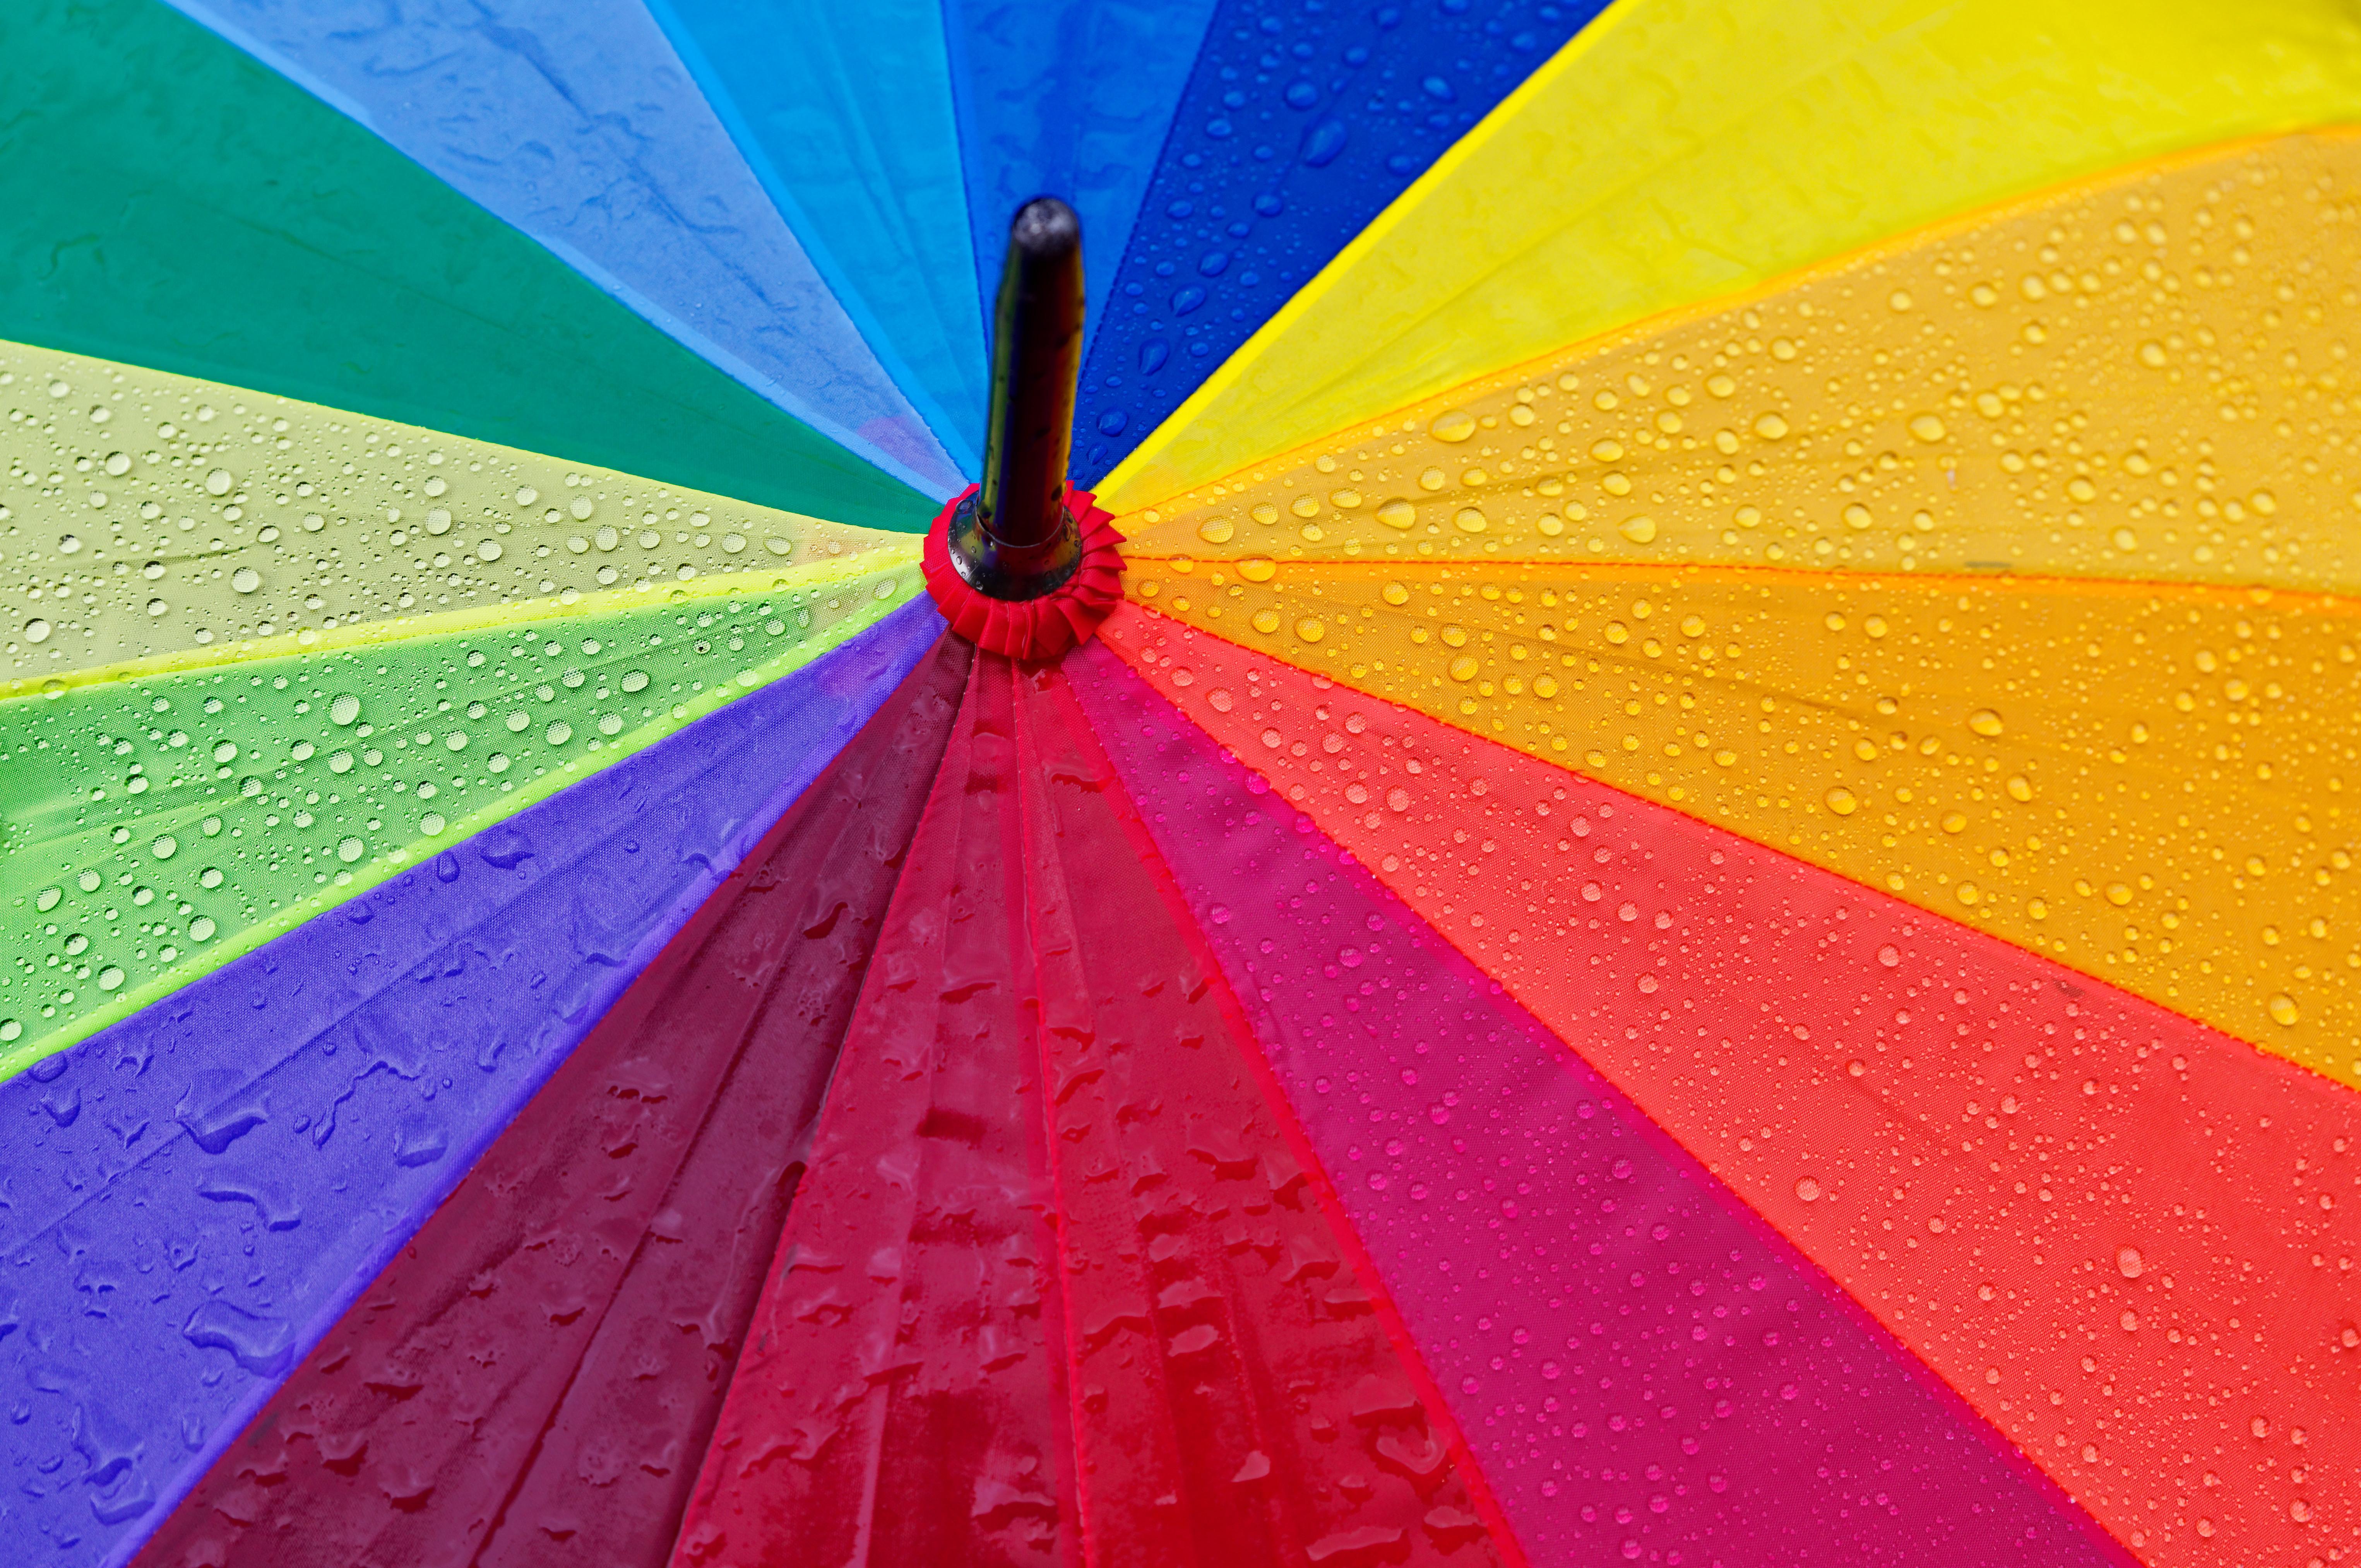 111609壁紙のダウンロードその他, 雑, 傘, 滴, 色とりどり, モトリー, 雨-スクリーンセーバーと写真を無料で